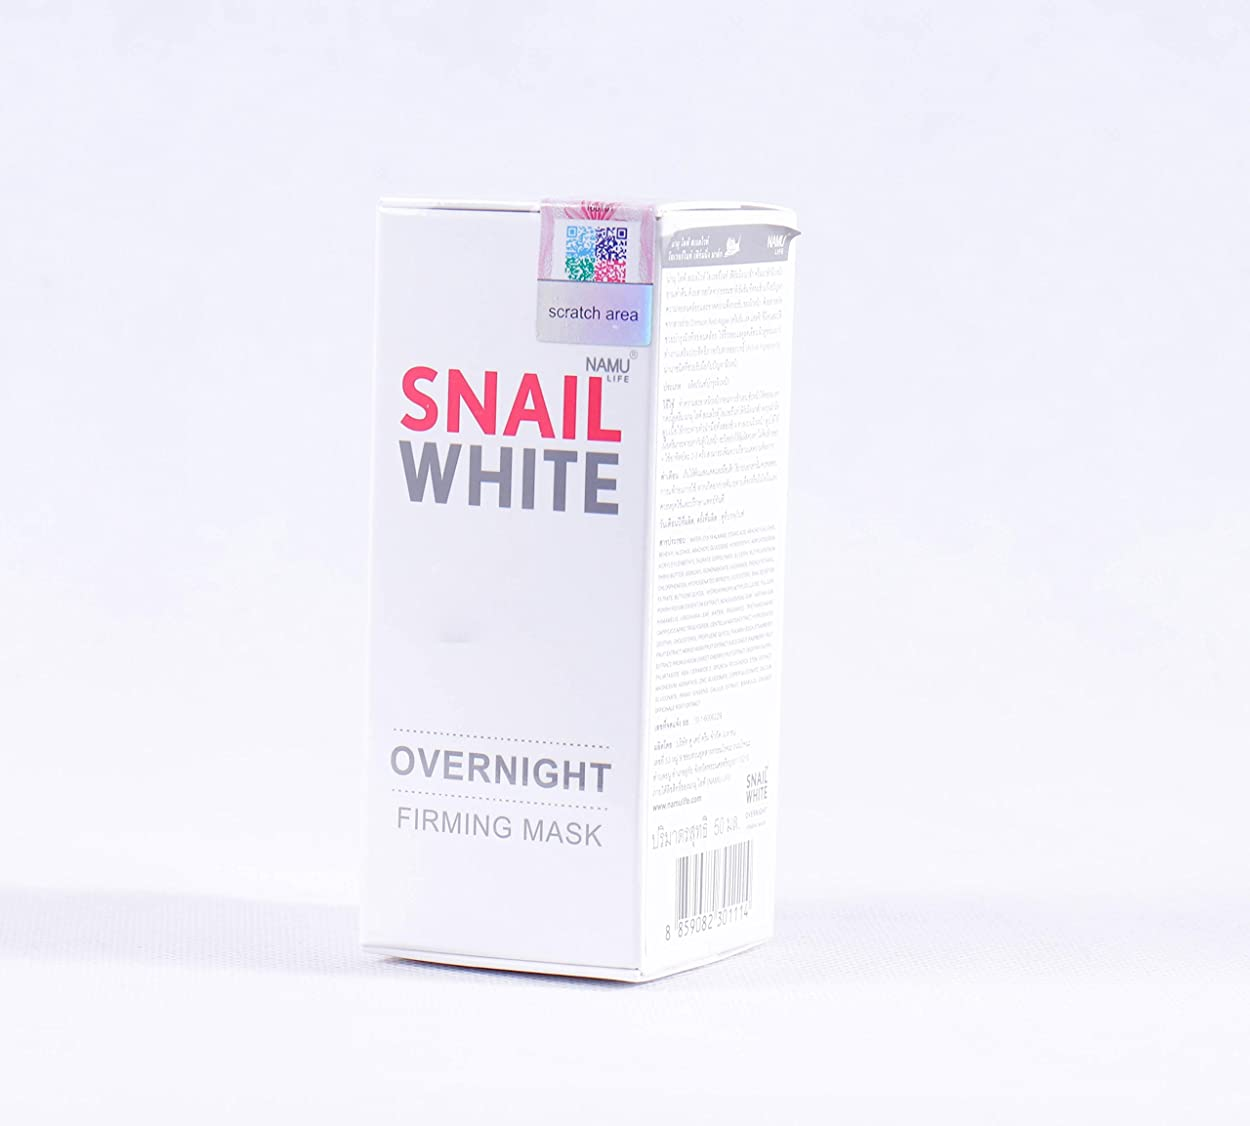 海峡咳グラフィックオーバーナイトファーミングマスク50 ml。 ホワイトニング NAMU LIFE SNAILWHITE OVERNIGHT FIRMING MASK 50 ml.